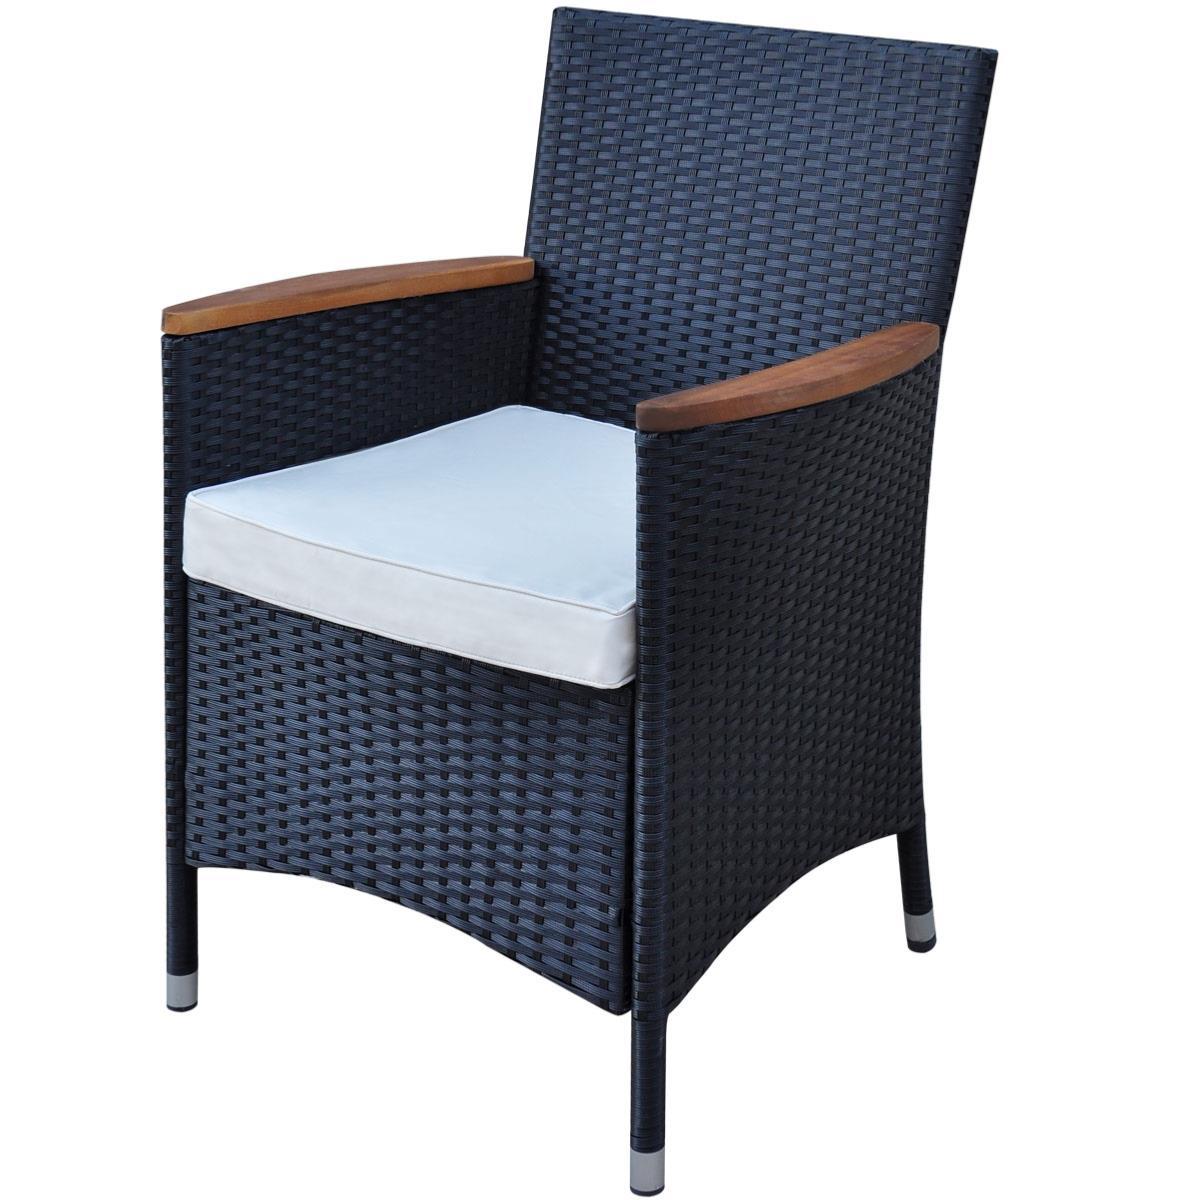 salon de jardin acacia et r sine tress e noir 12 places. Black Bedroom Furniture Sets. Home Design Ideas